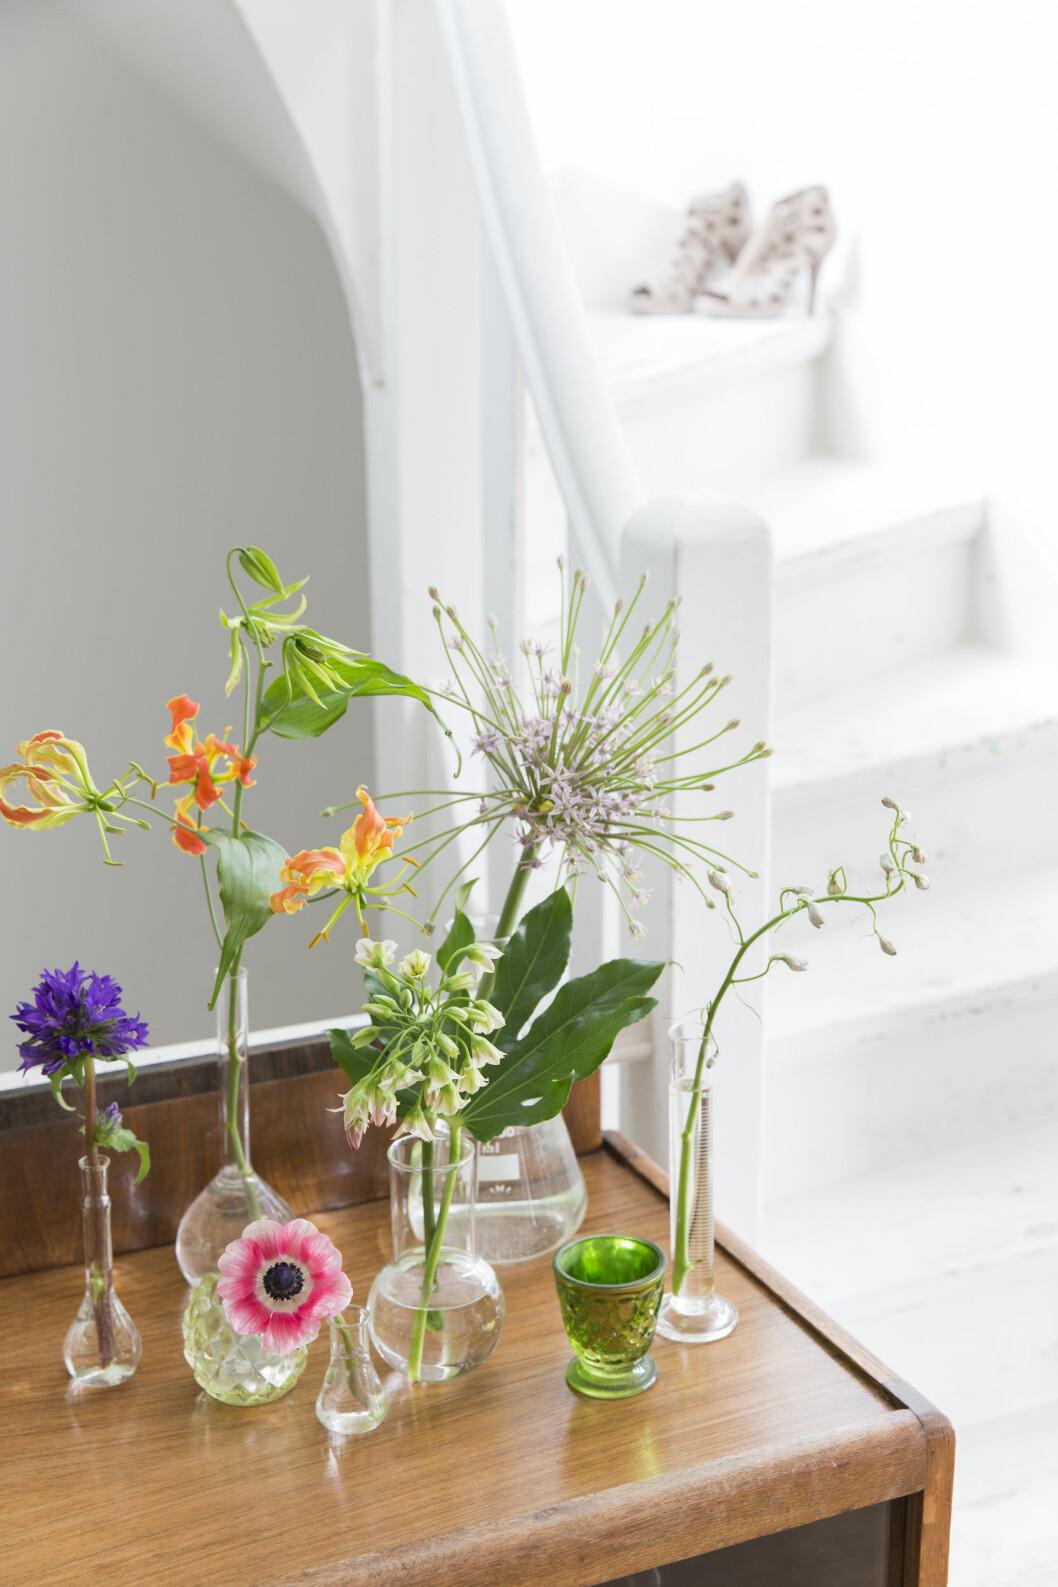 KREATIVE VASER: Den gamle skjenken er kjøpt brukt fra nettet, og på den står en samling med laboratorieglass, brukt som vaser, fra Brût Amsterdam.  Foto: Margriet Hoekstral